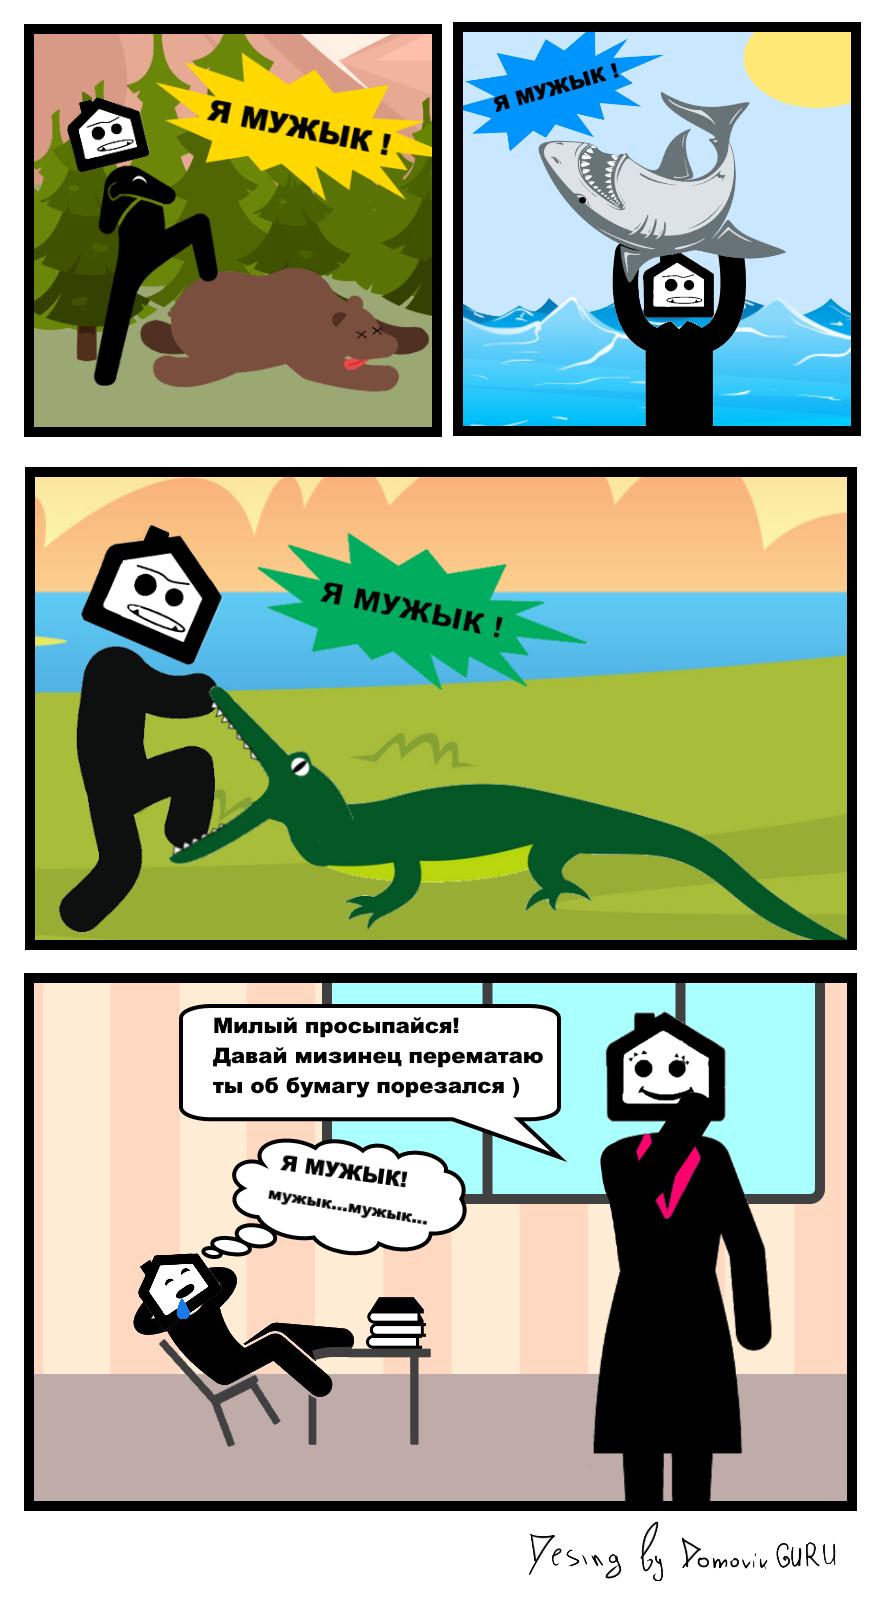 Мечта и реальность комикс